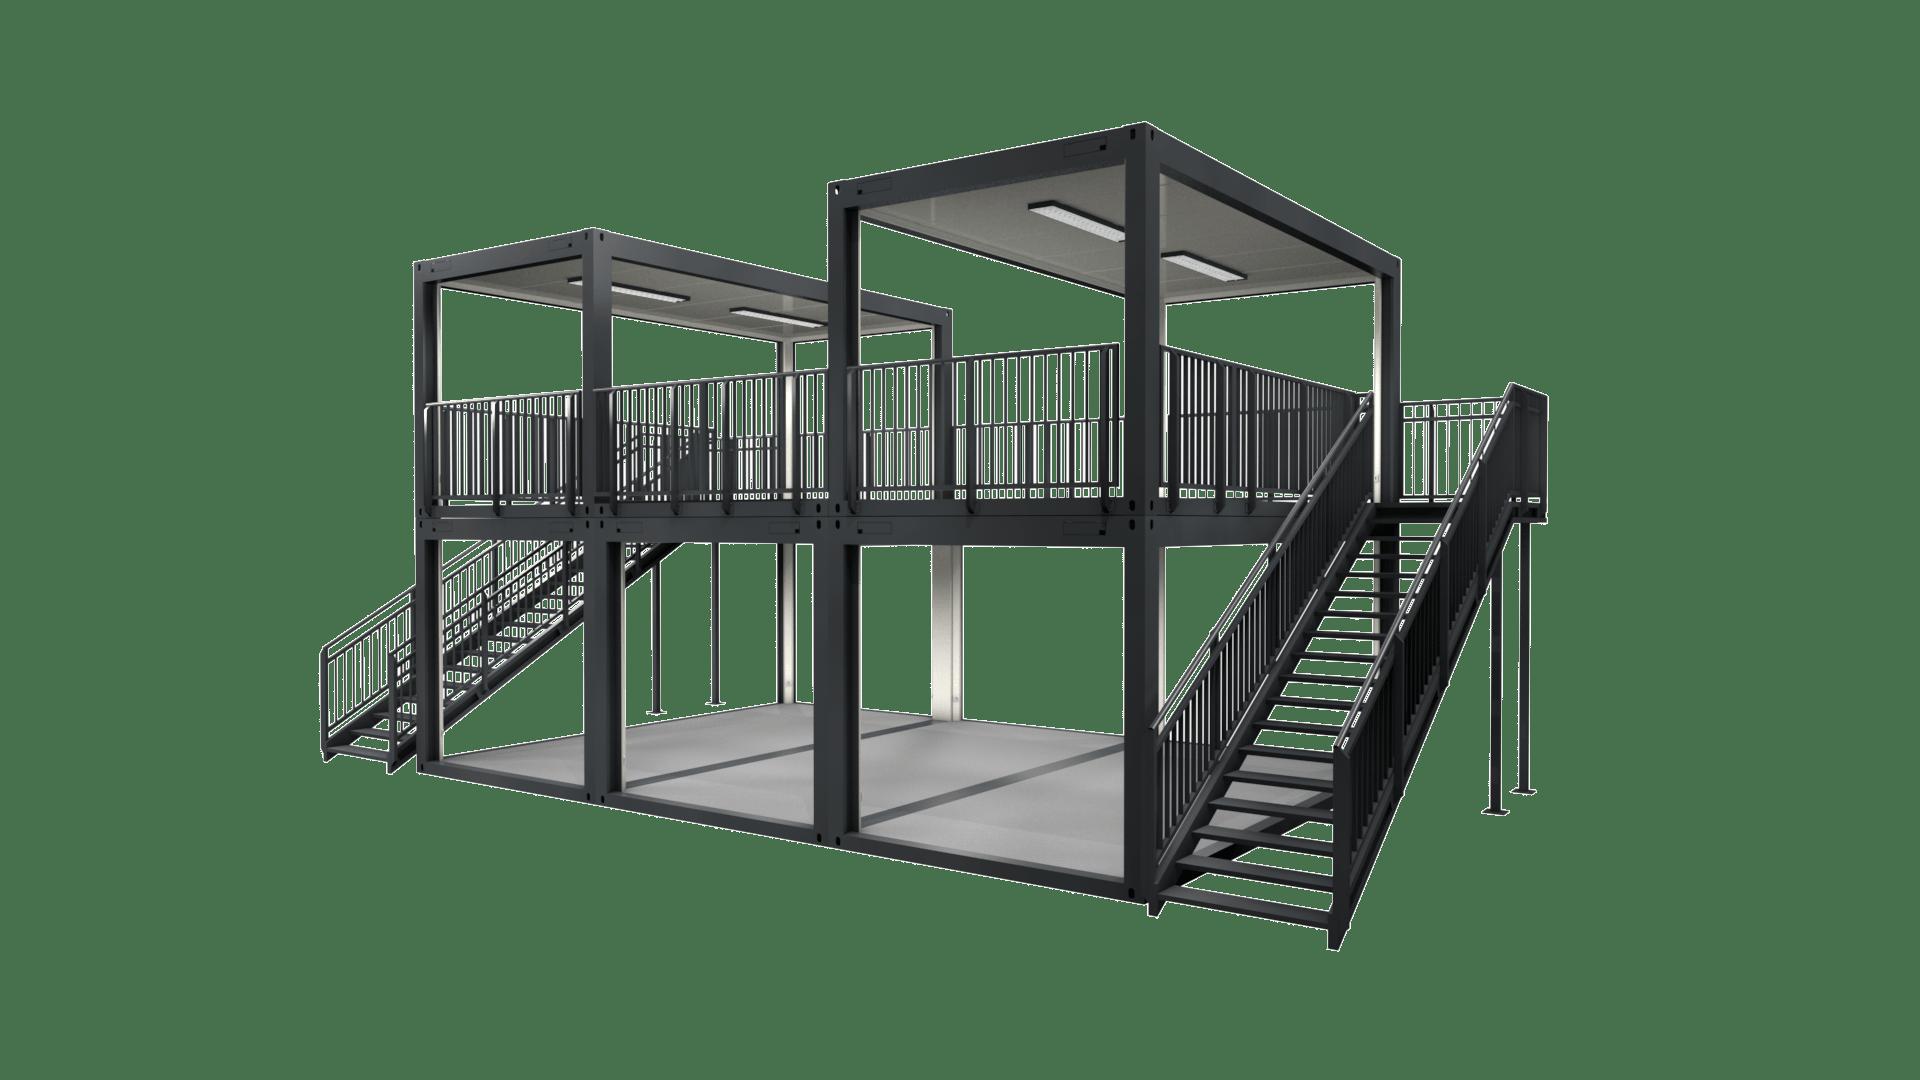 Container Modul M 27 besteht aus fünf Containern mit Terrasse